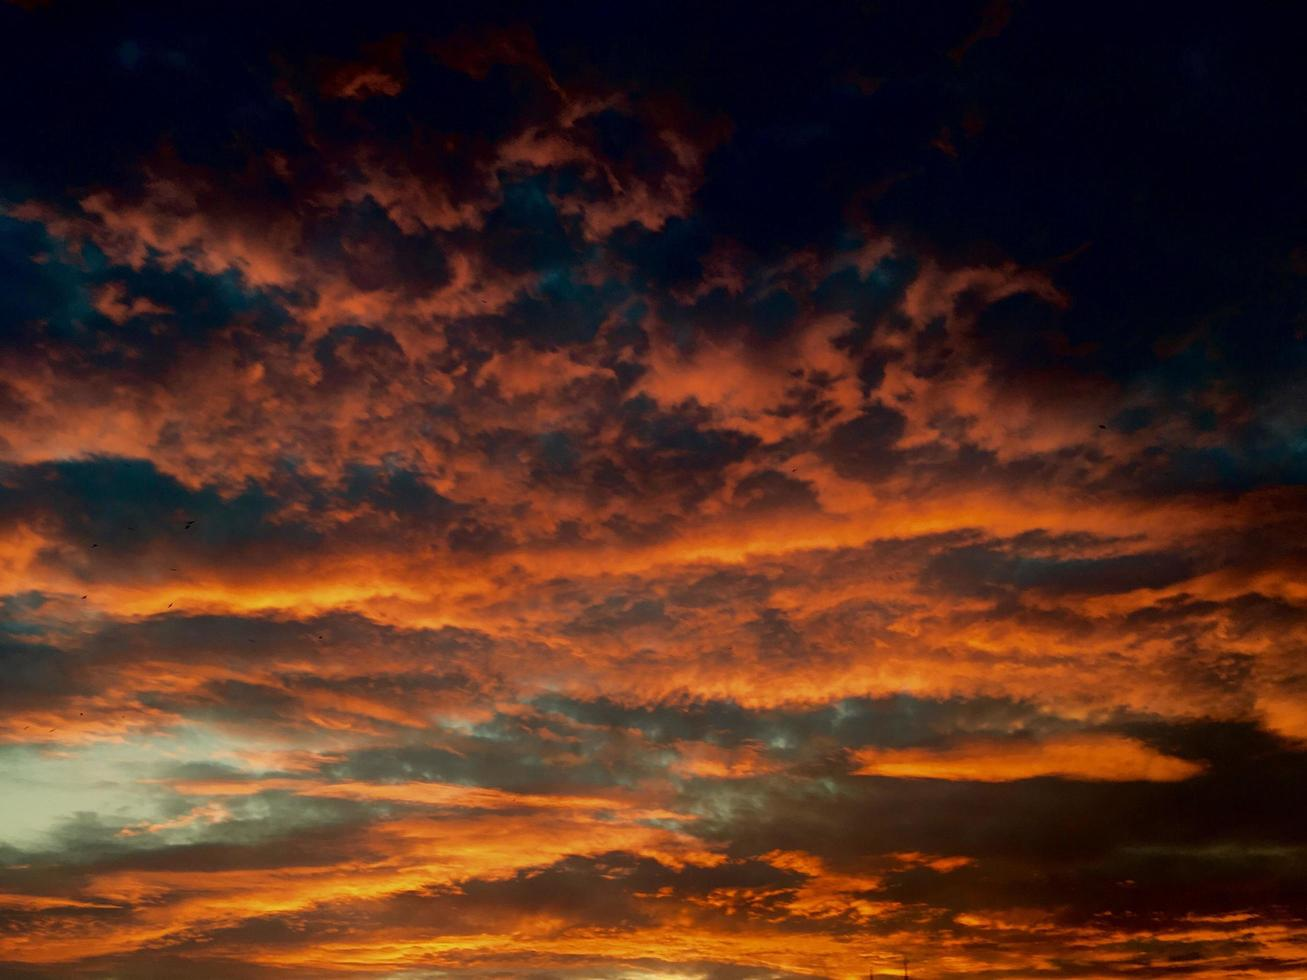 nubes anaranjadas durante la hora dorada foto